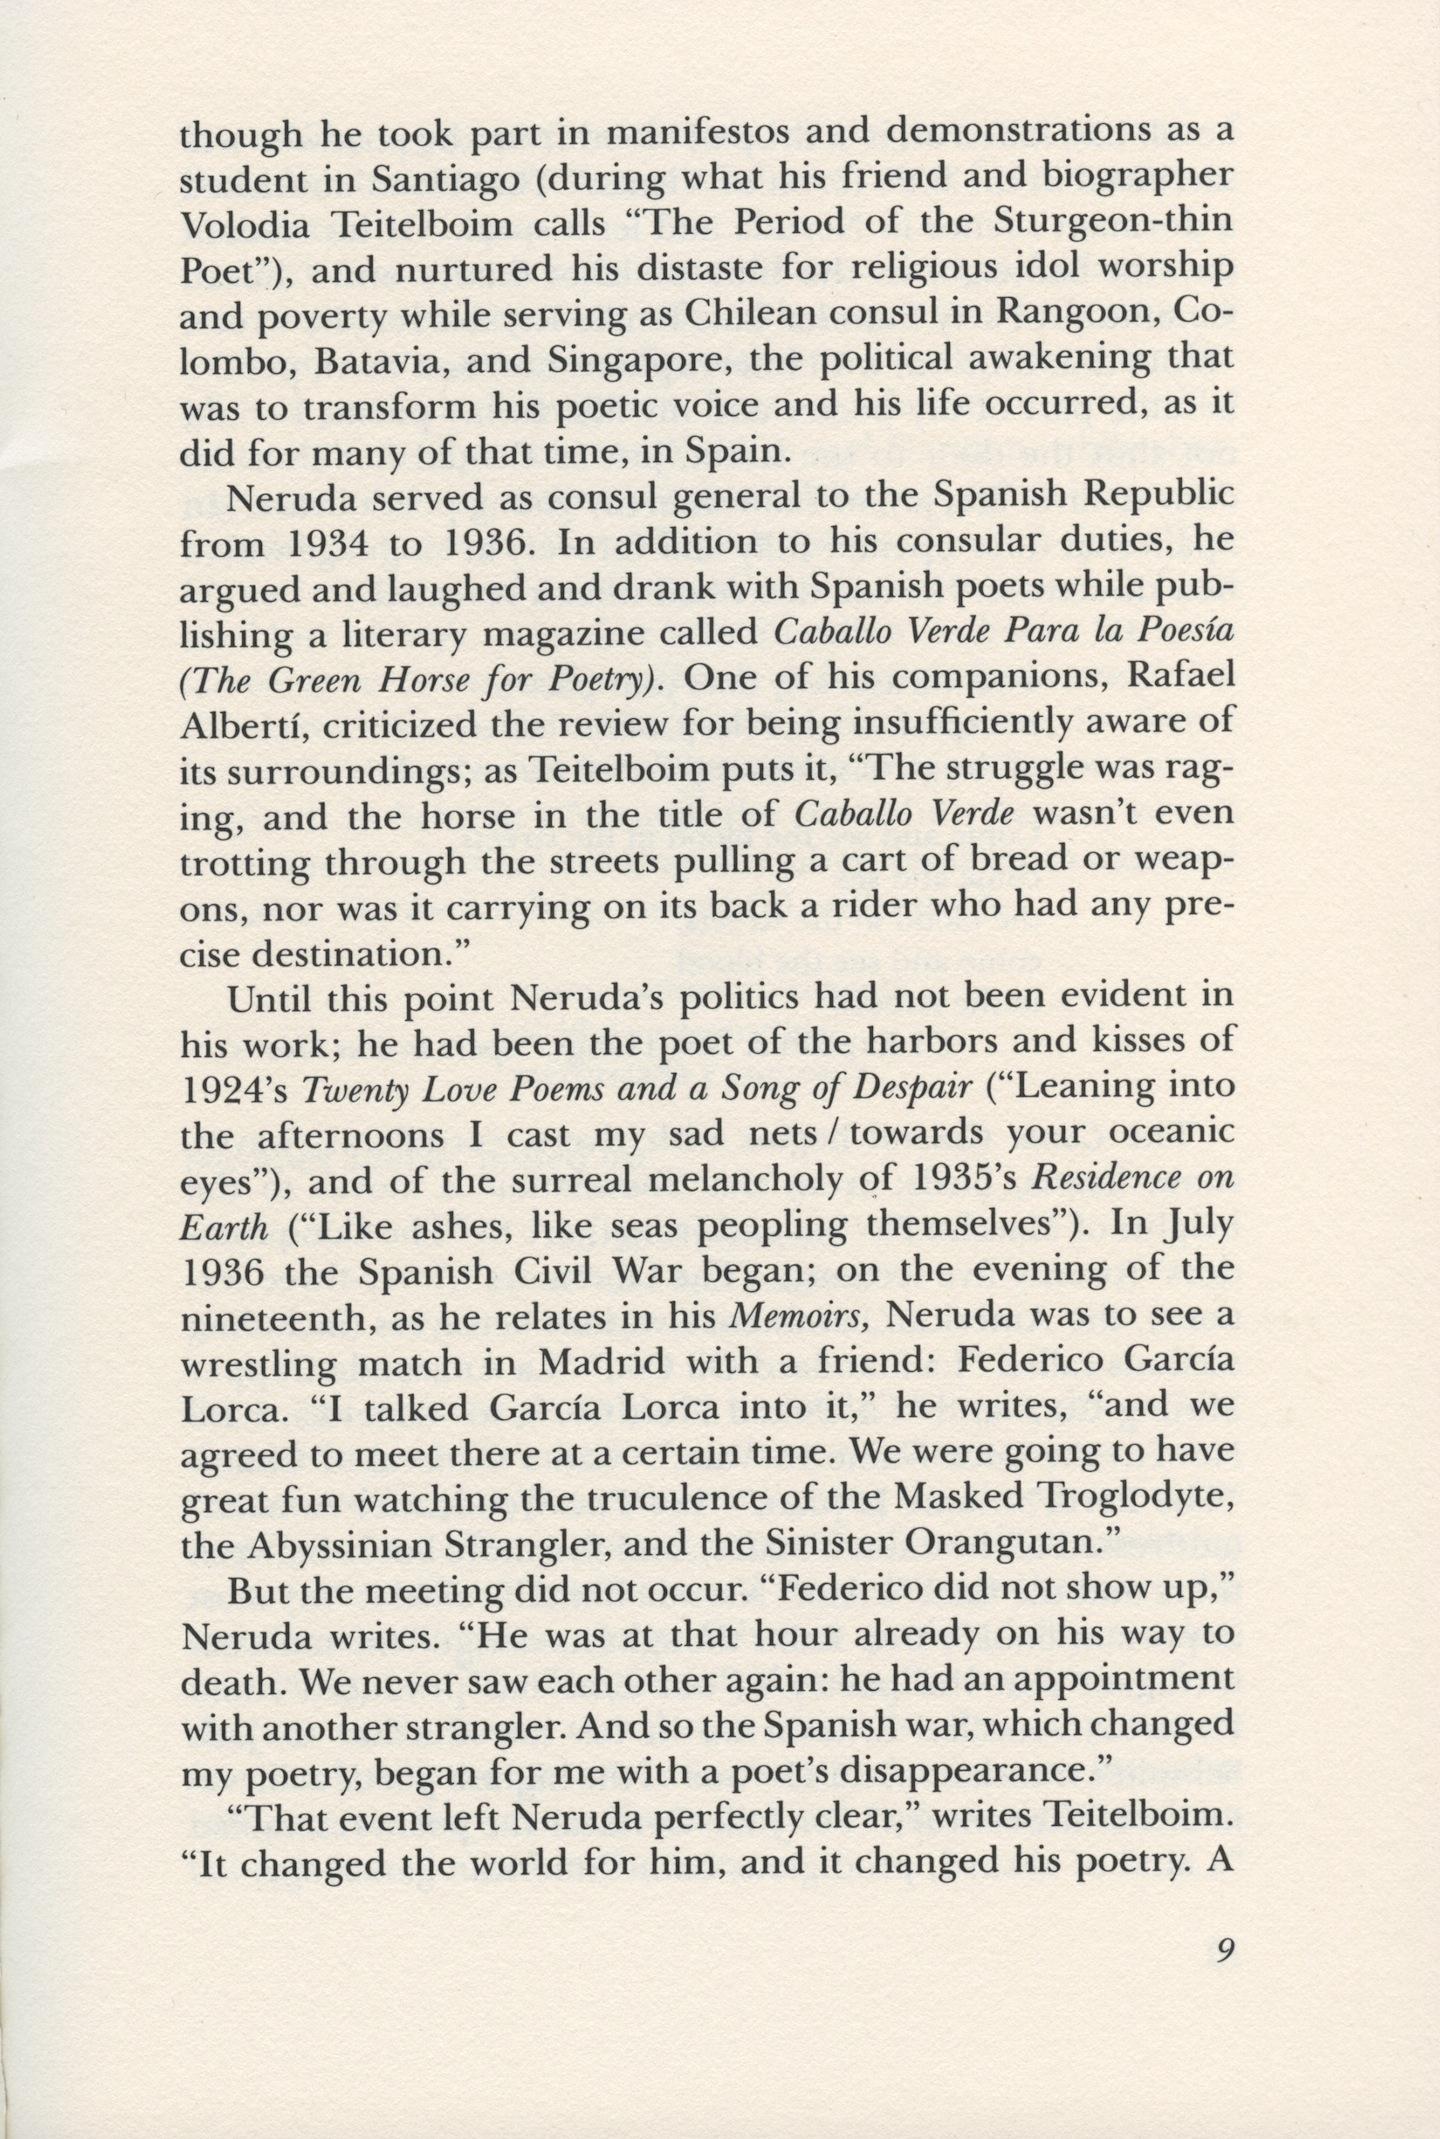 Neruda essay 3.jpeg